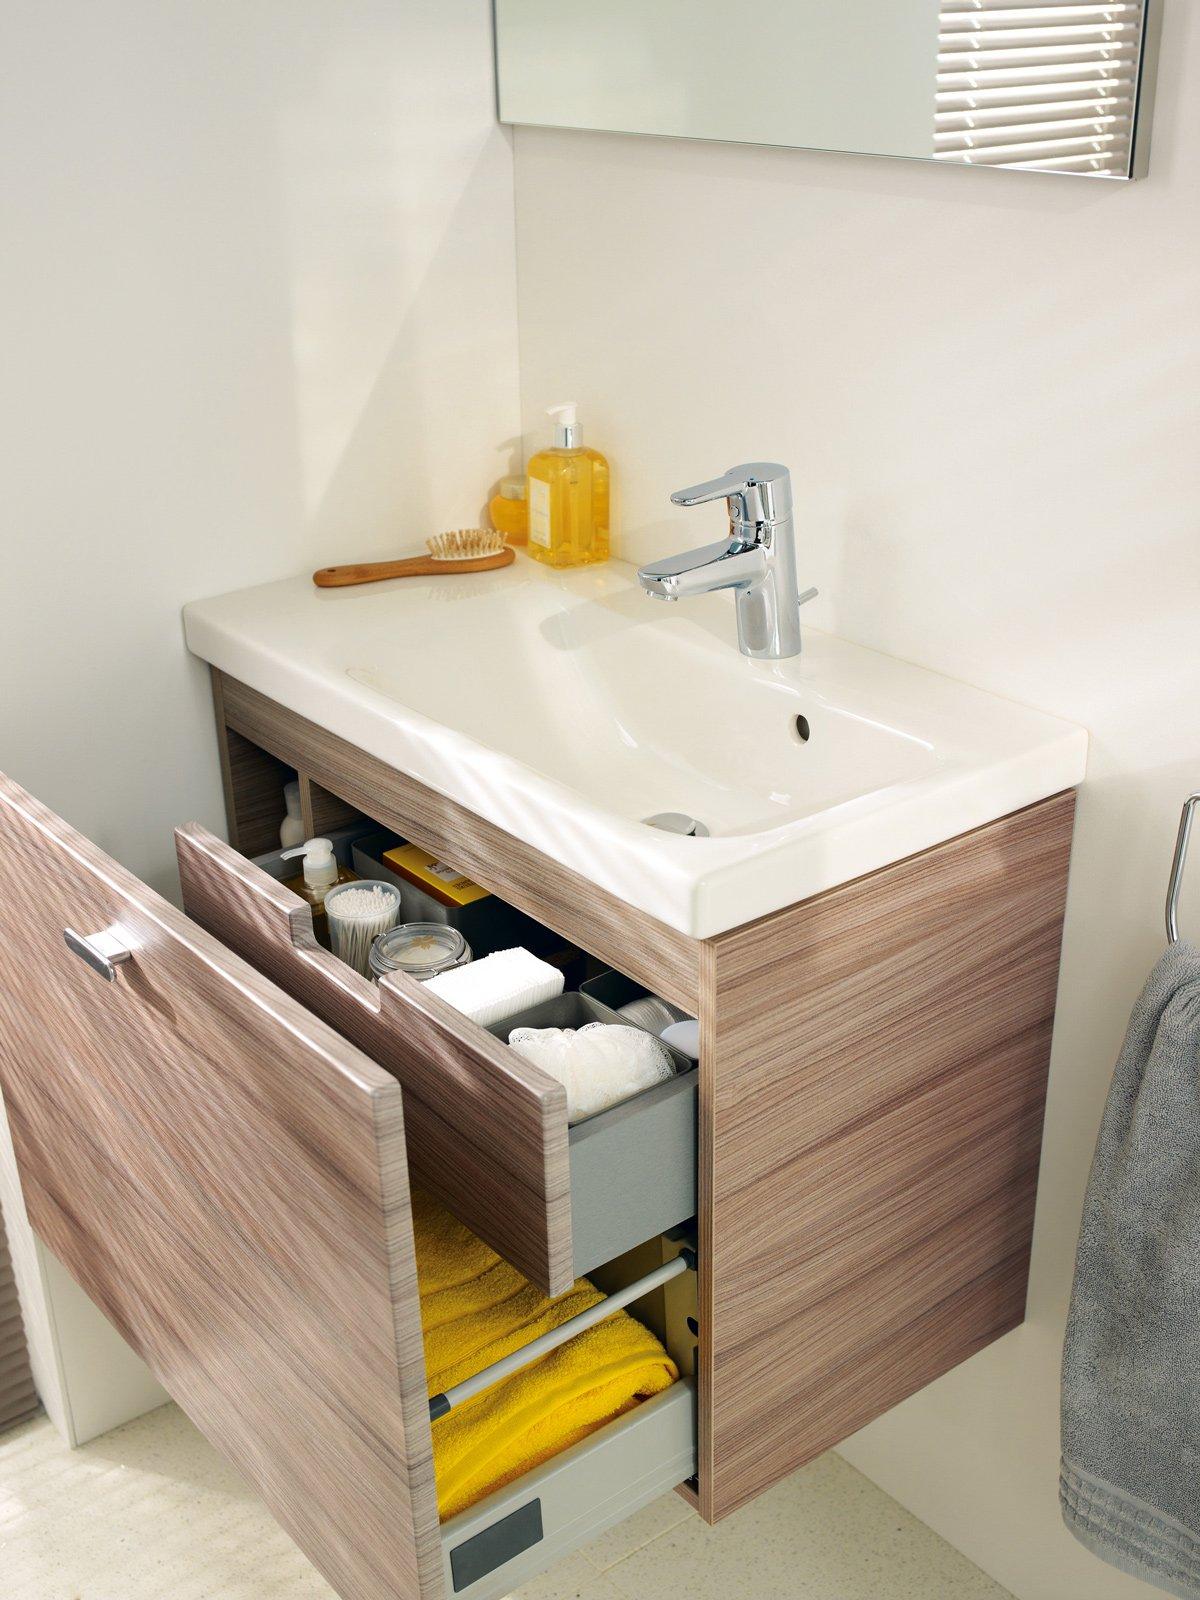 mobili bagno con cassetti tutto in ordine sotto il lavabo